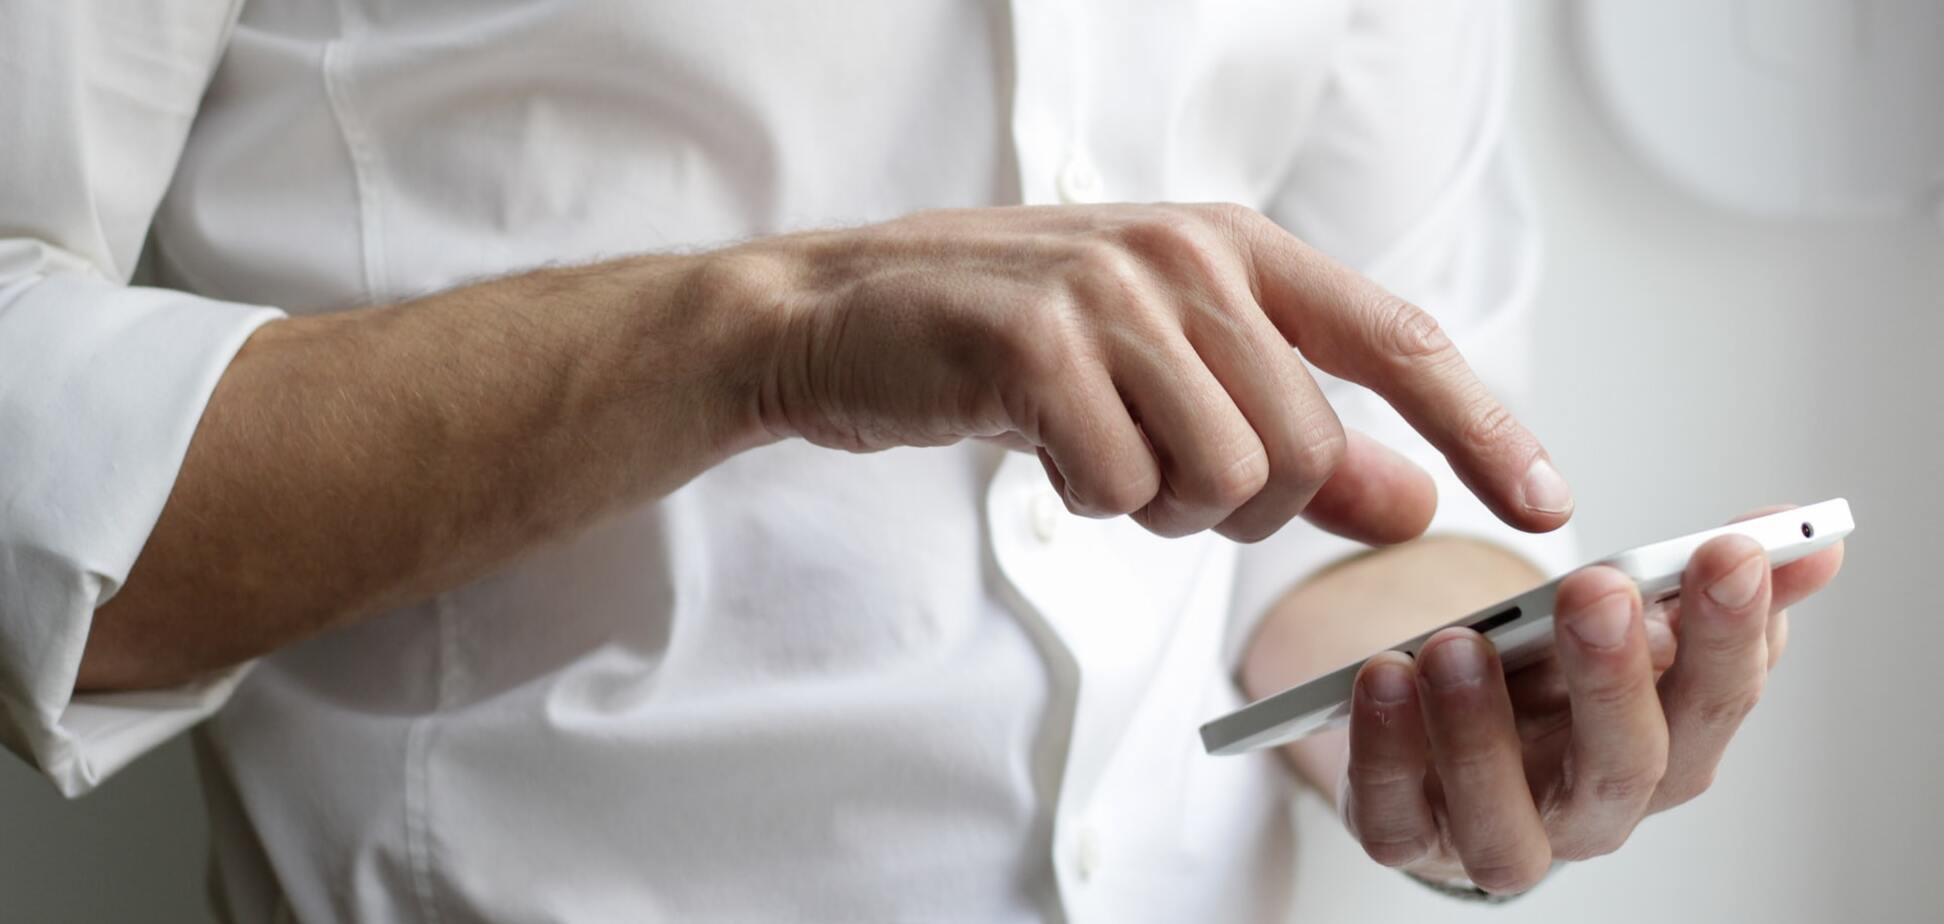 Завжди є небезпека, що смартфон можуть зламати шахраї. Джерело: unsplash.com